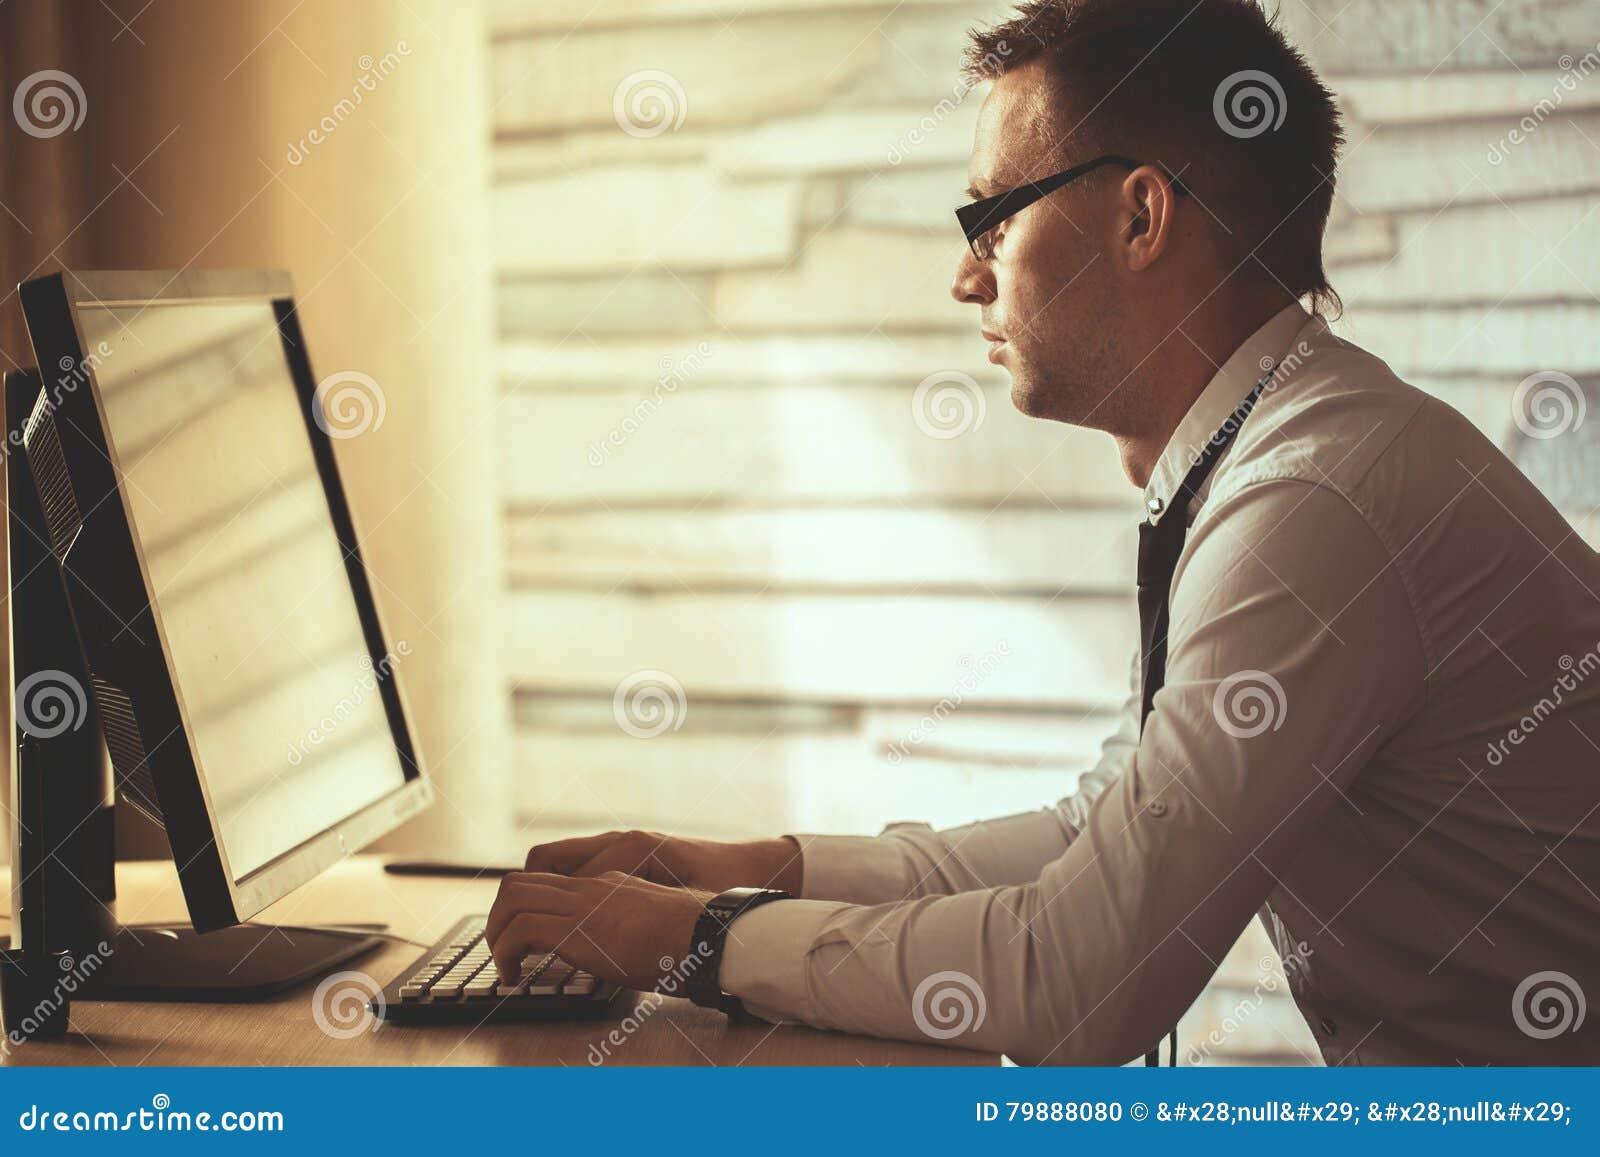 Νεαρός άνδρας που εργάζεται από το σπίτι στον υπολογιστή, διευθυντής στο workplac του